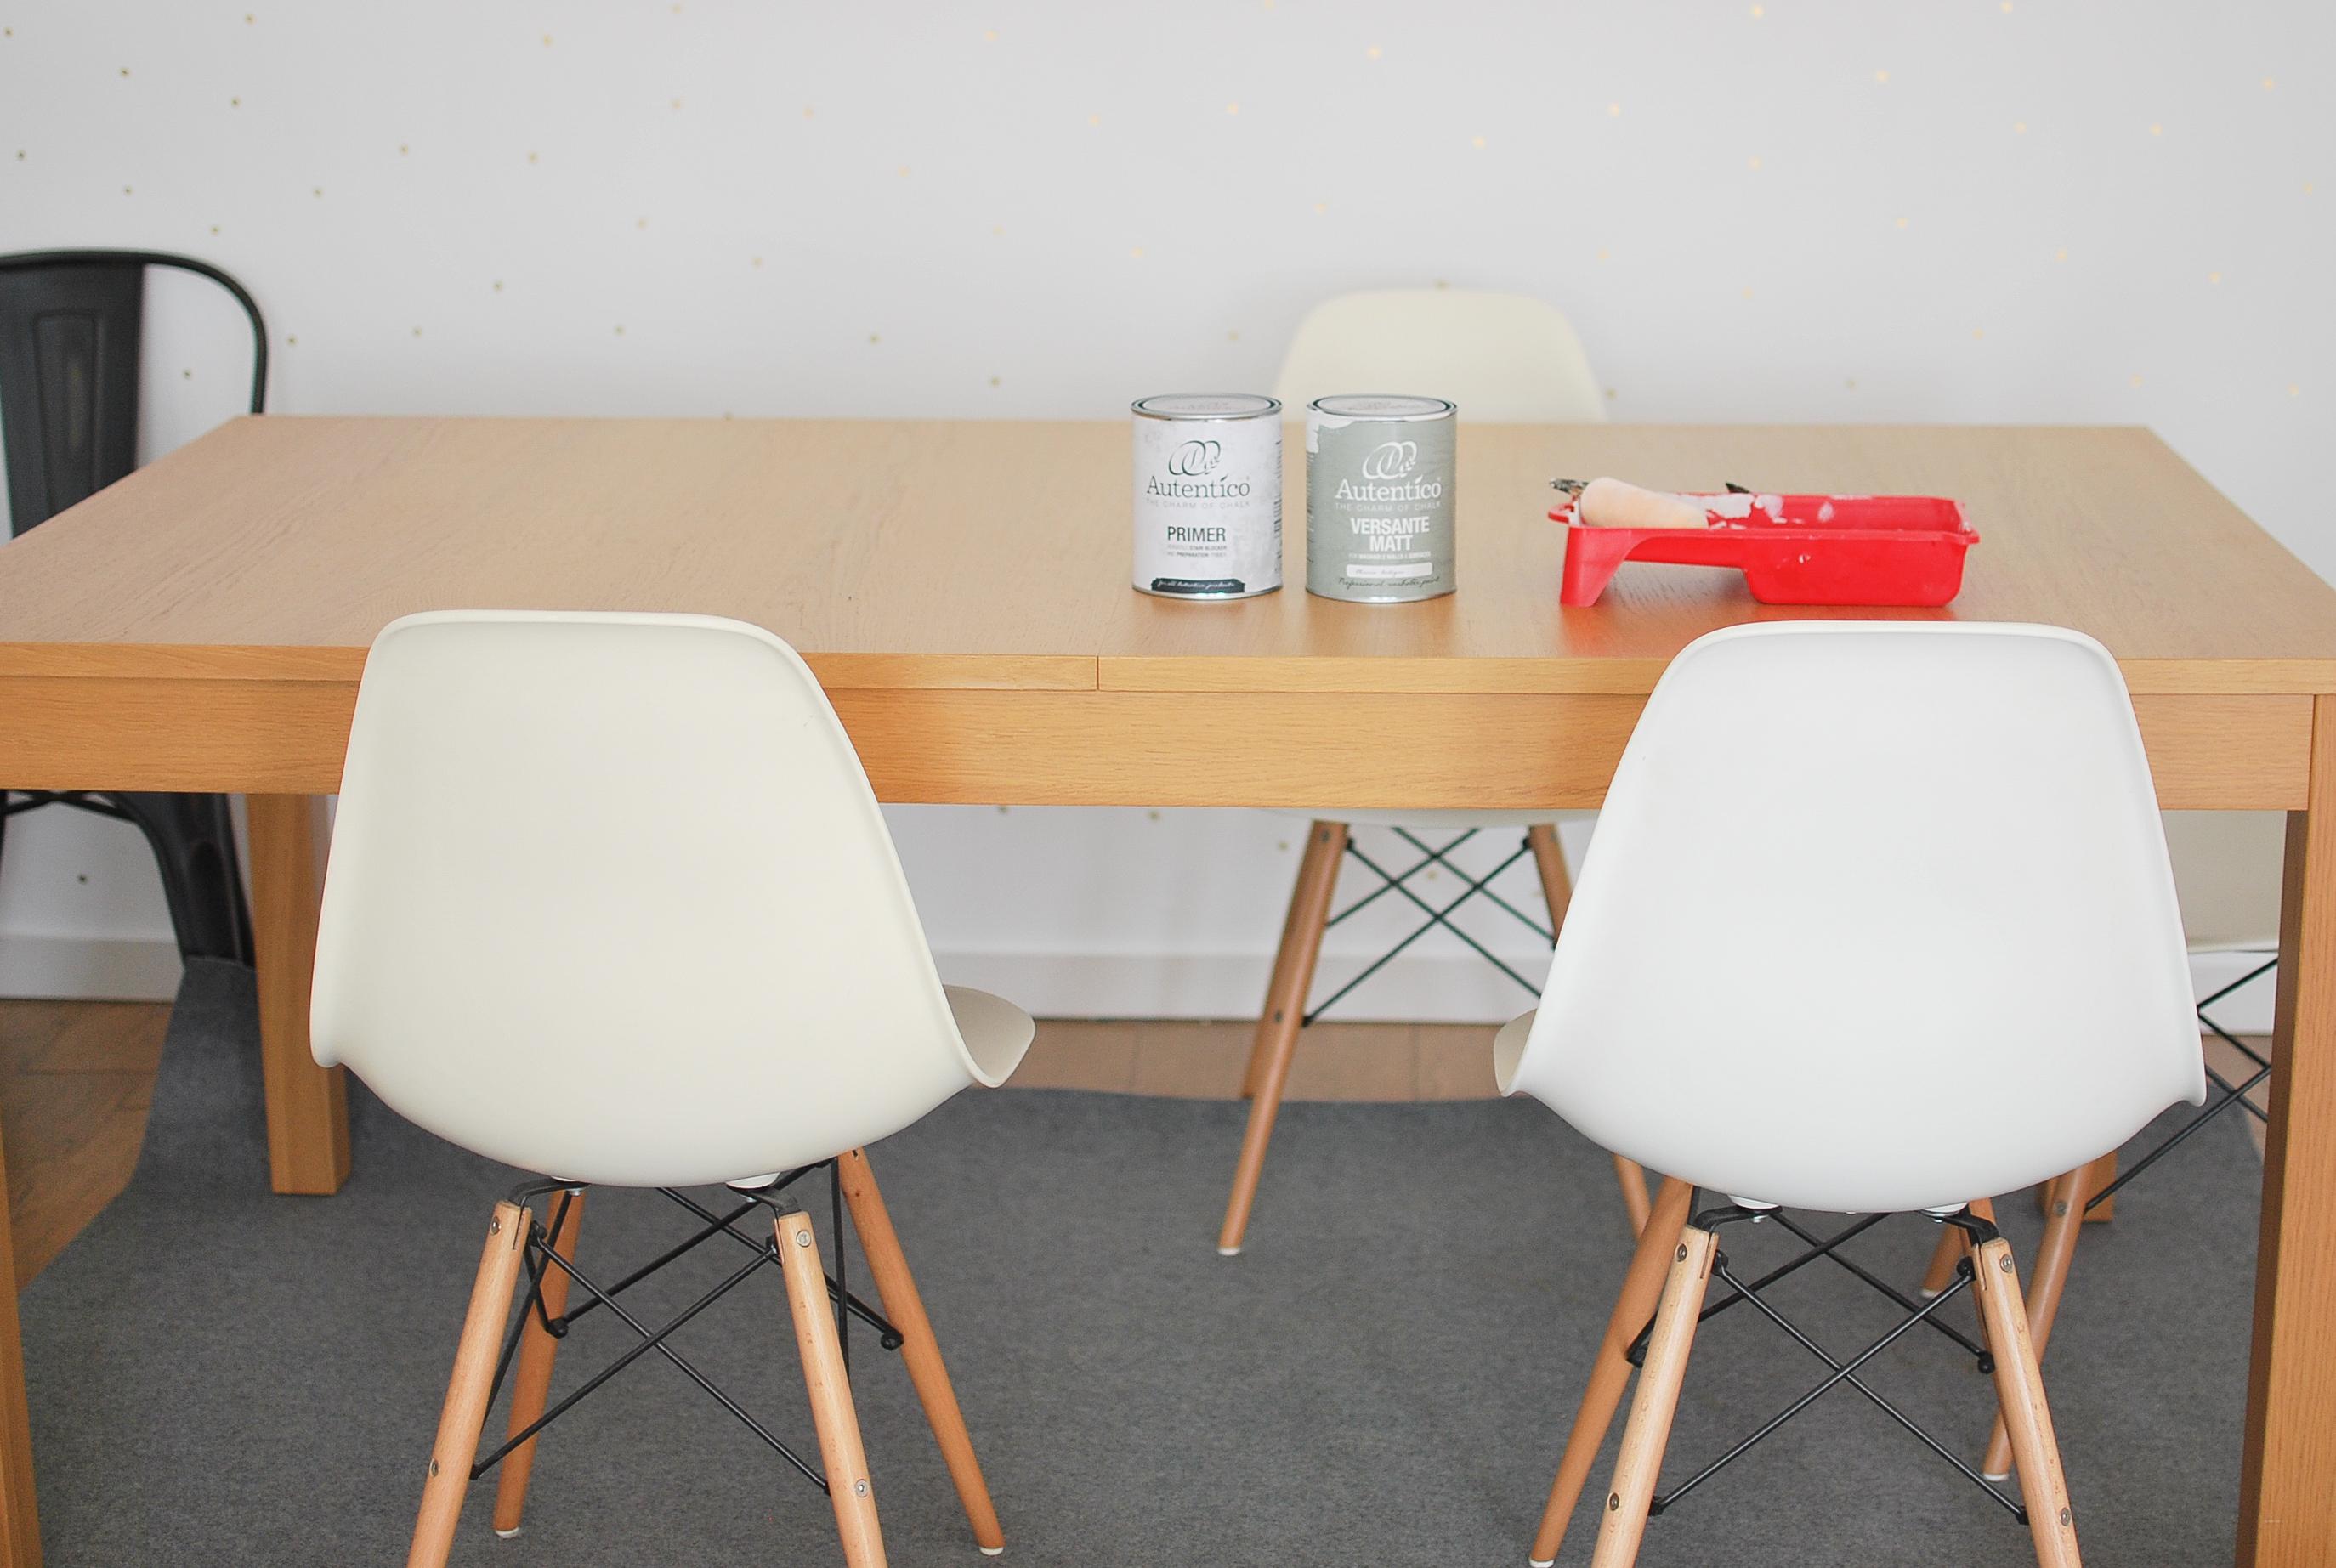 Muebles de ikea como nuevos - Papel adhesivo para muebles ikea ...